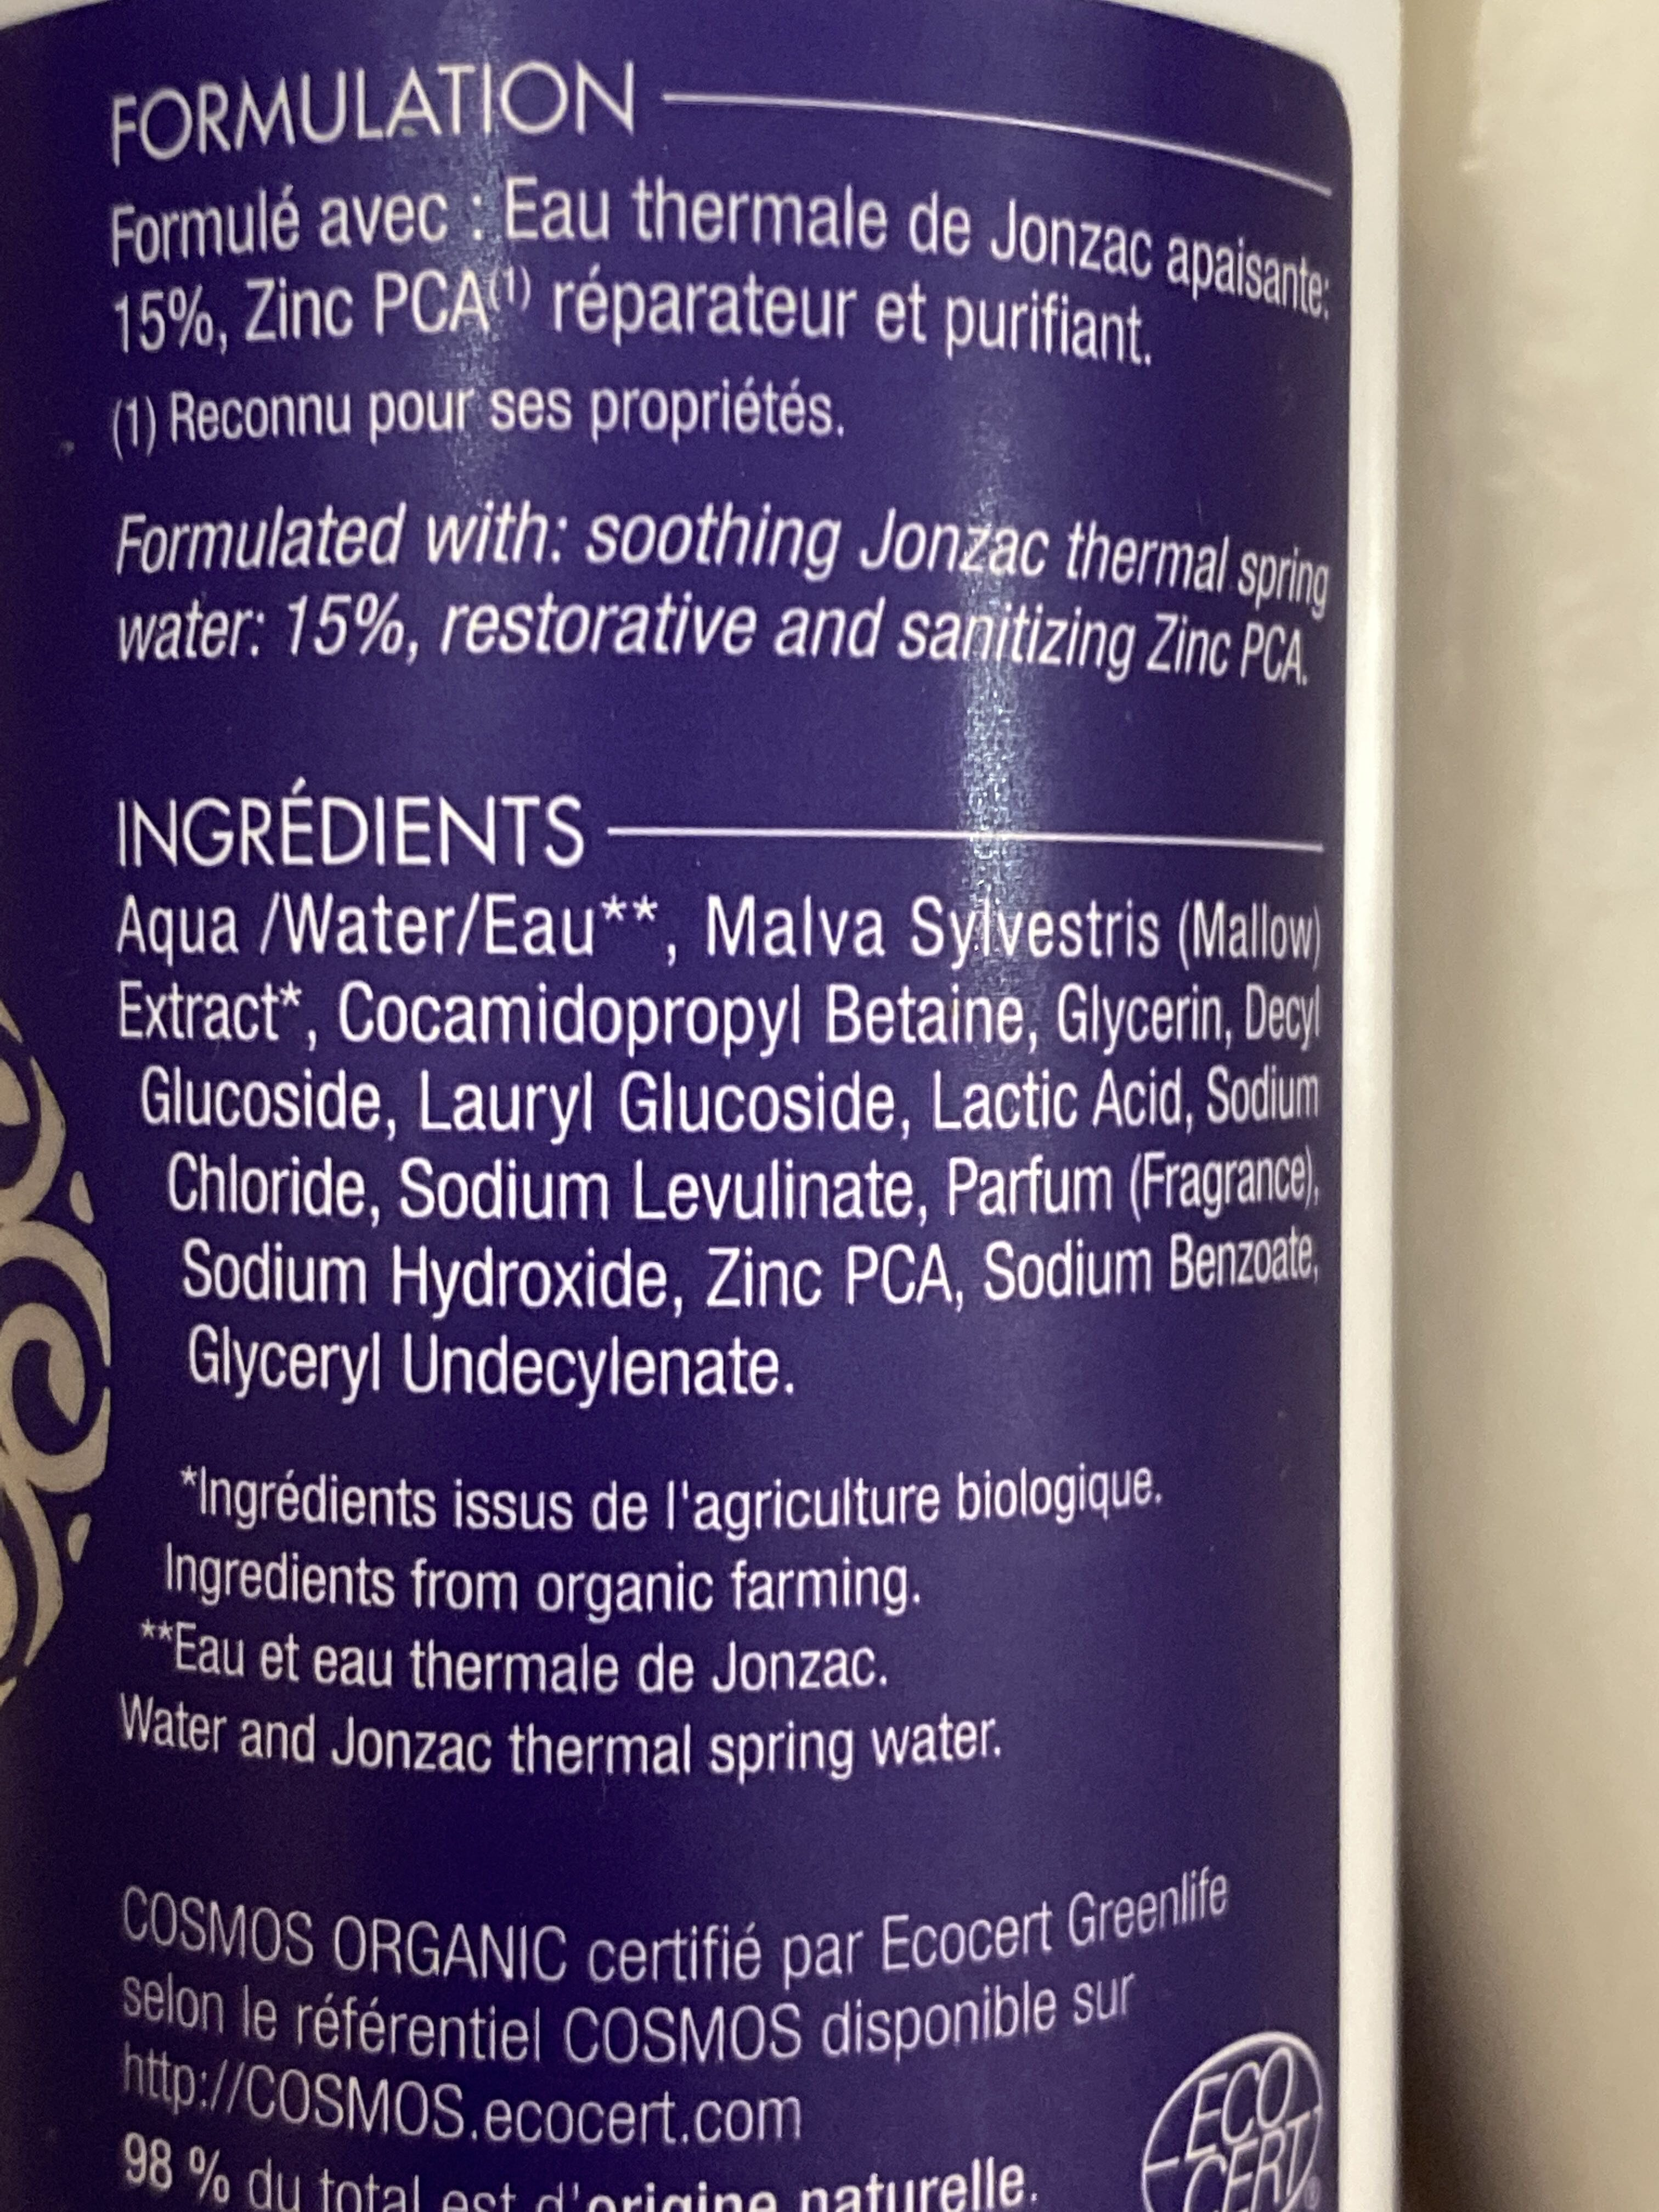 Mousse à raser fraîcheur - Product - fr